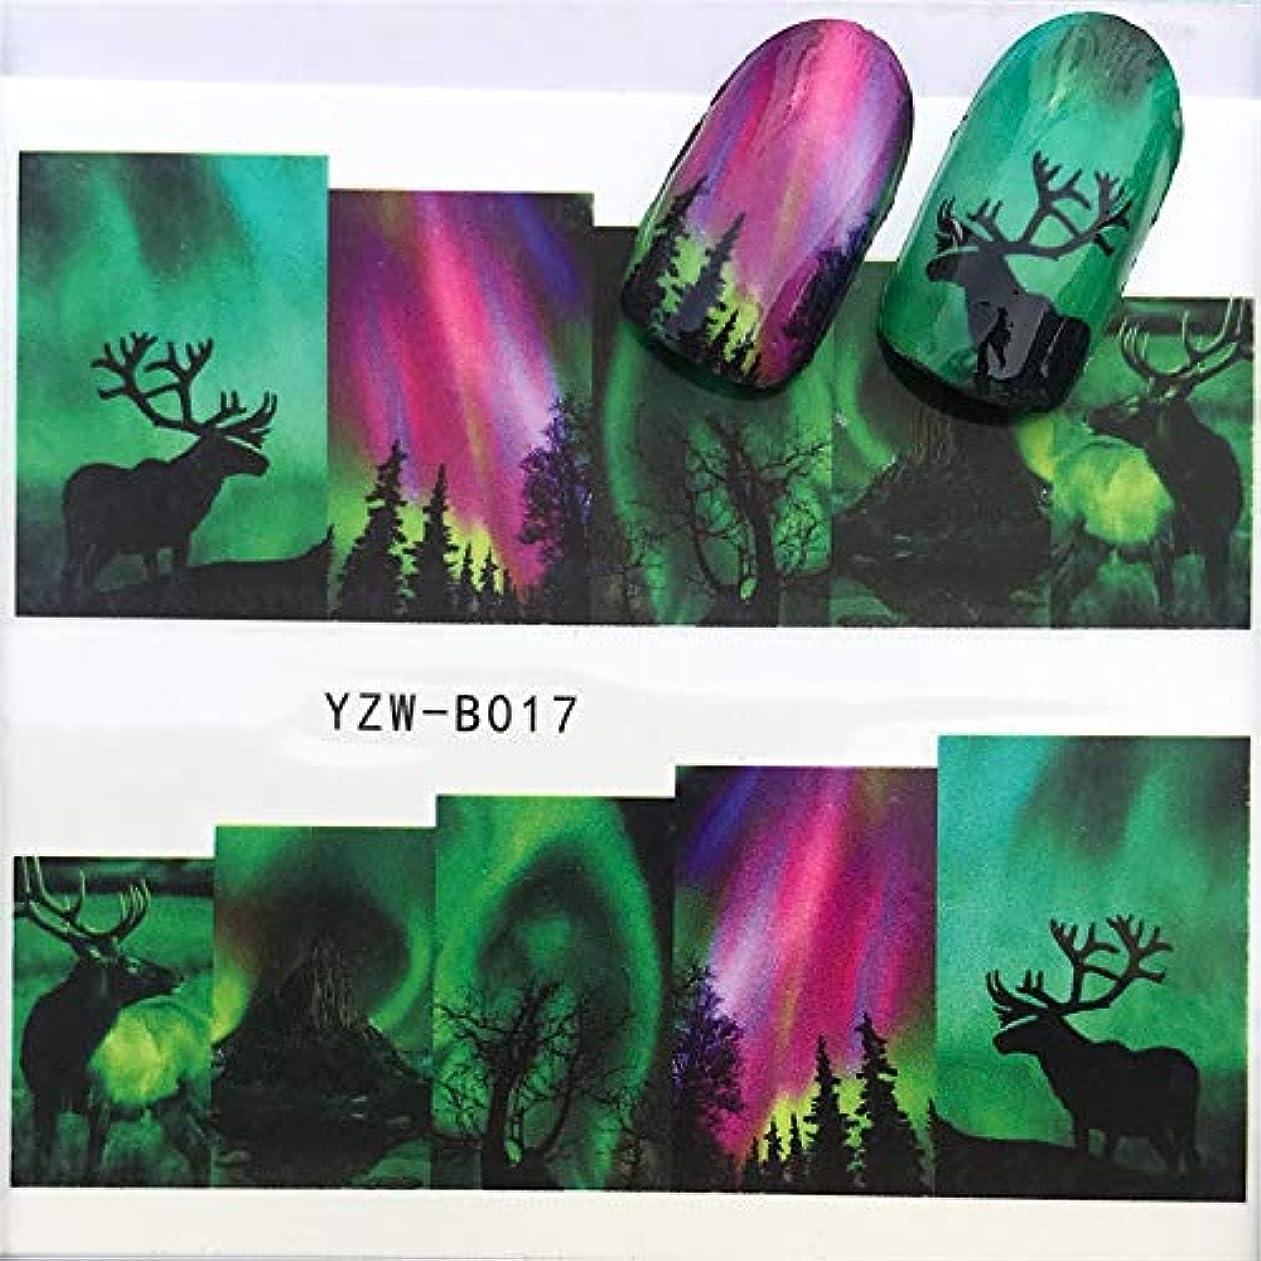 偽装する広い側溝Flysea ネイルステッカー3 PCSネイルステッカーセットデカール水スライダーネイルズアート装飾、色転送:YZWB017を